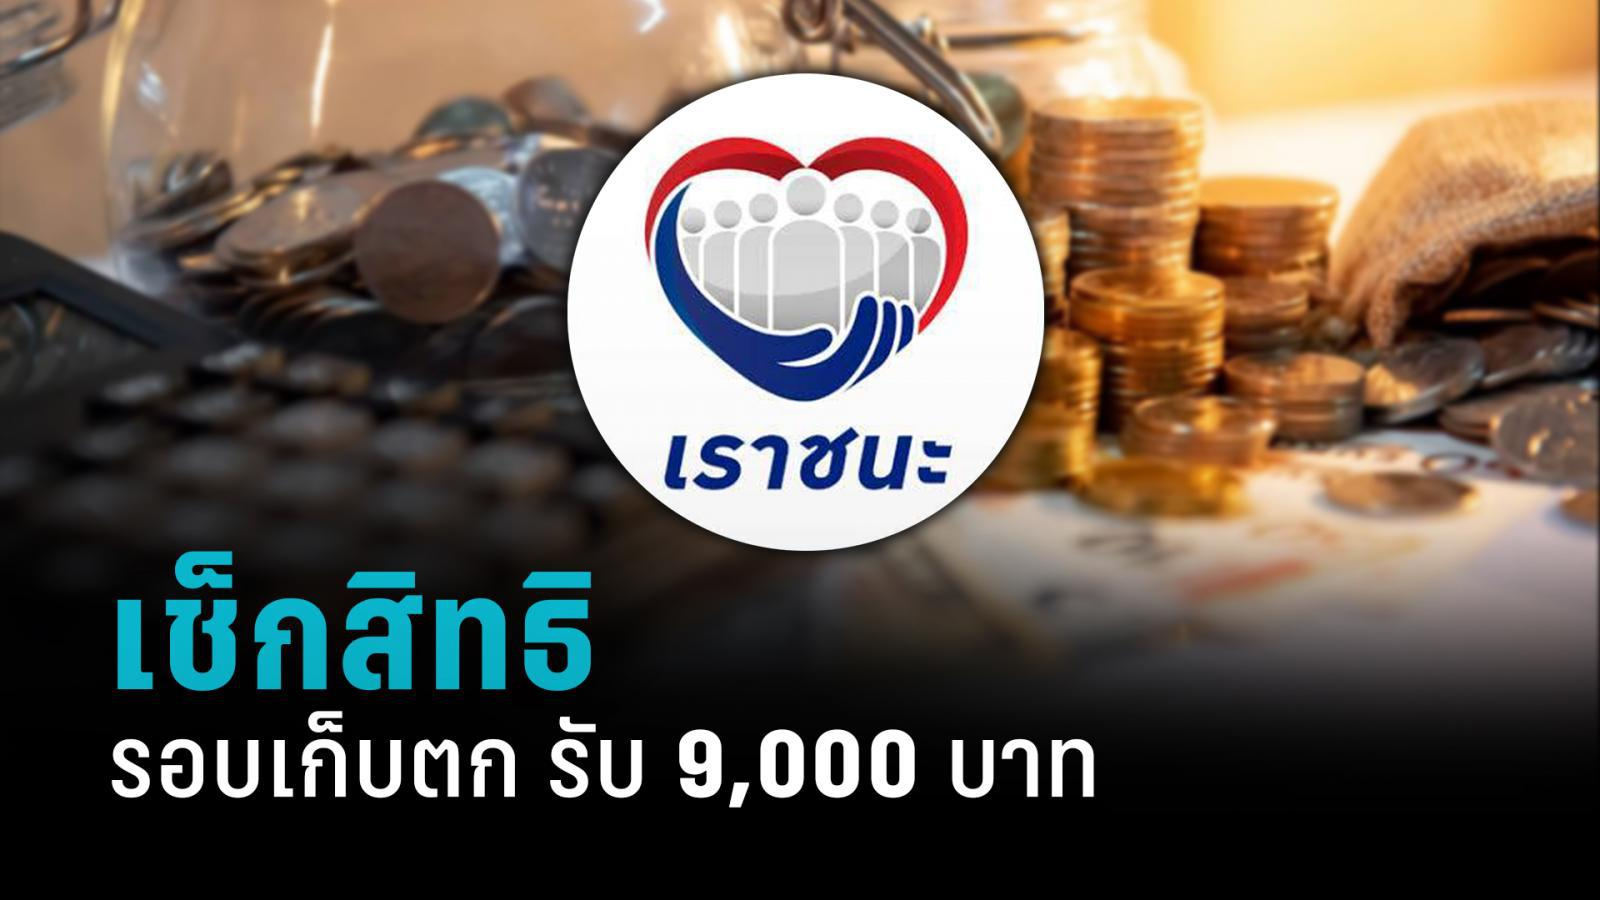 เข้าตรวจสอบสิทธิ www.เราชนะ.com ประกาศผล รับ 9,000 บาท อีกกลุุ่มเช็กบัตร รับเพิ่ม เงินเข้า 1,000 วันนี้